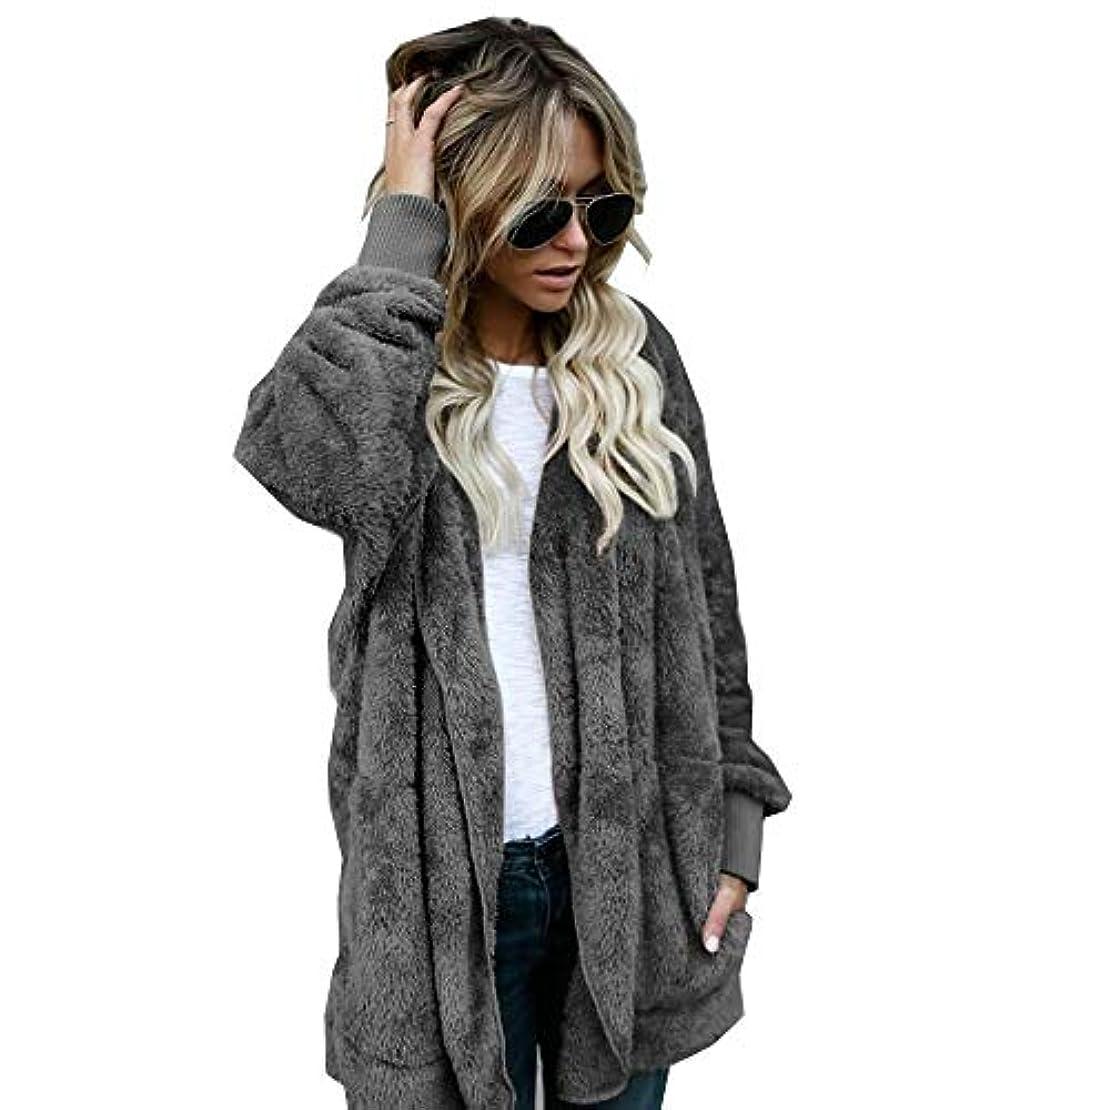 証書ローラー借りているMIFAN 長袖パーカー、冬のコート、女性のコート、女性の緩い厚く暖かいフェイクファーフード付きカーディガン